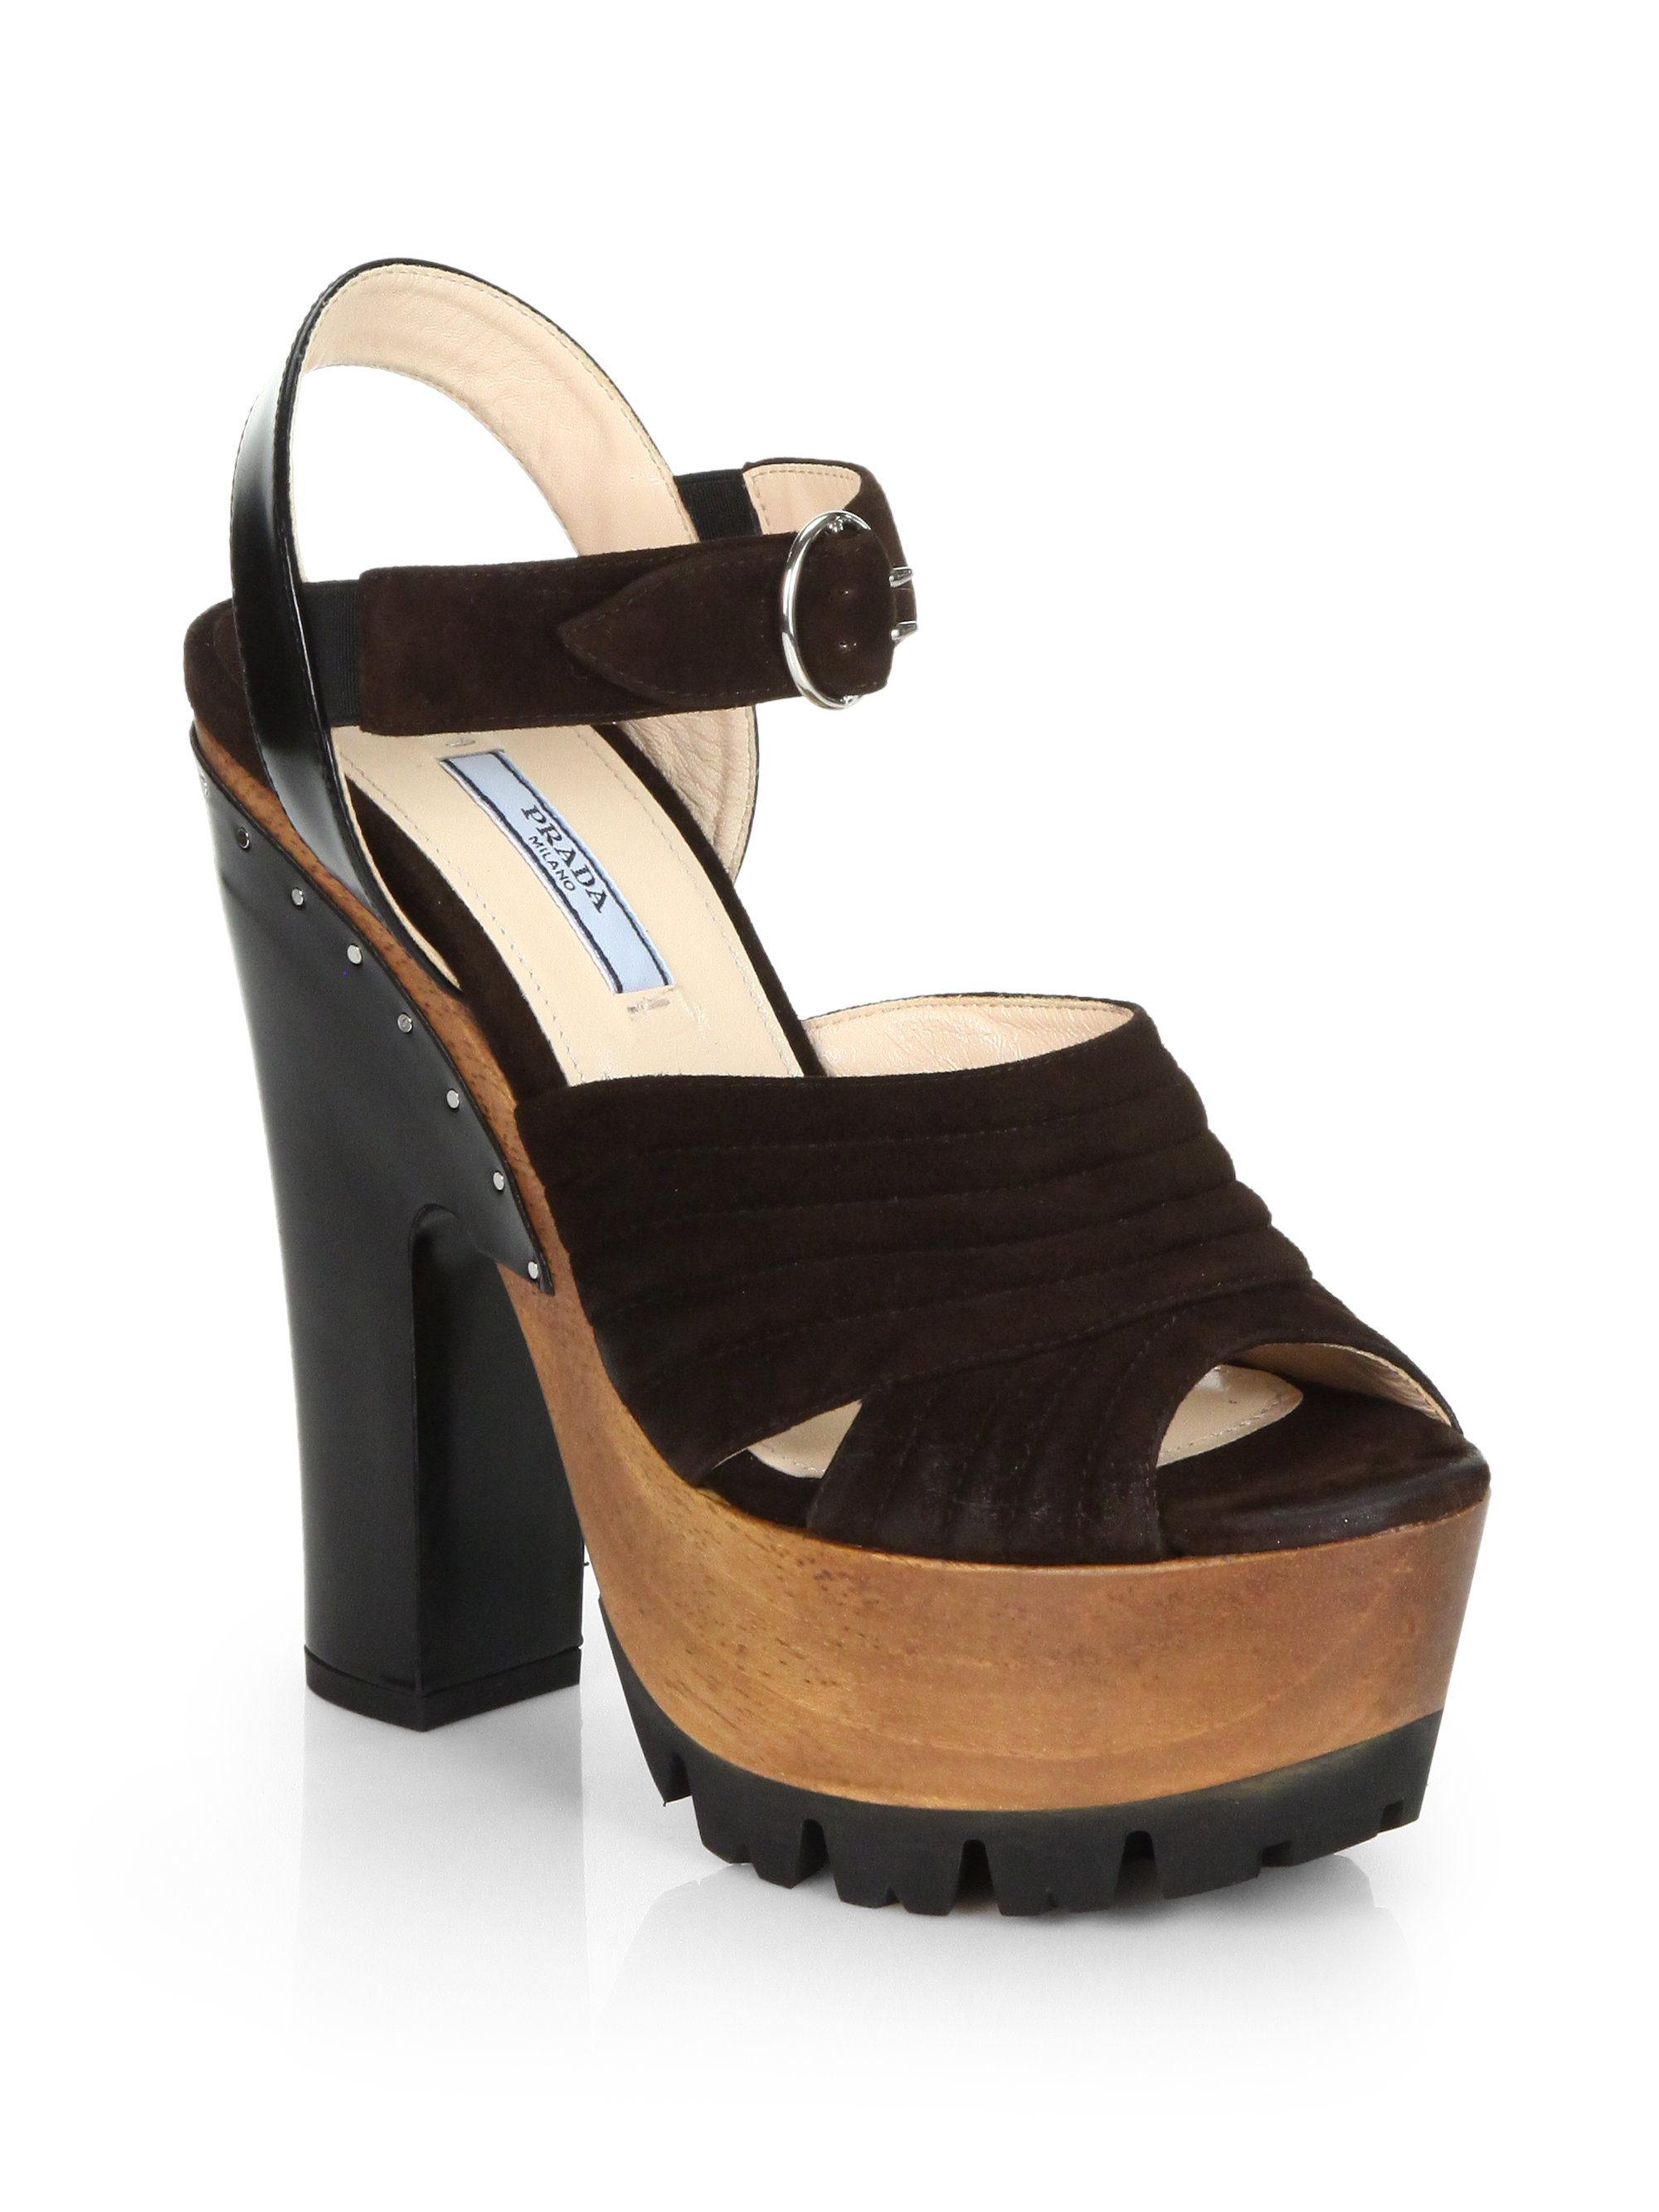 Prada Suede Wooden Platform Sandals In Black Lyst